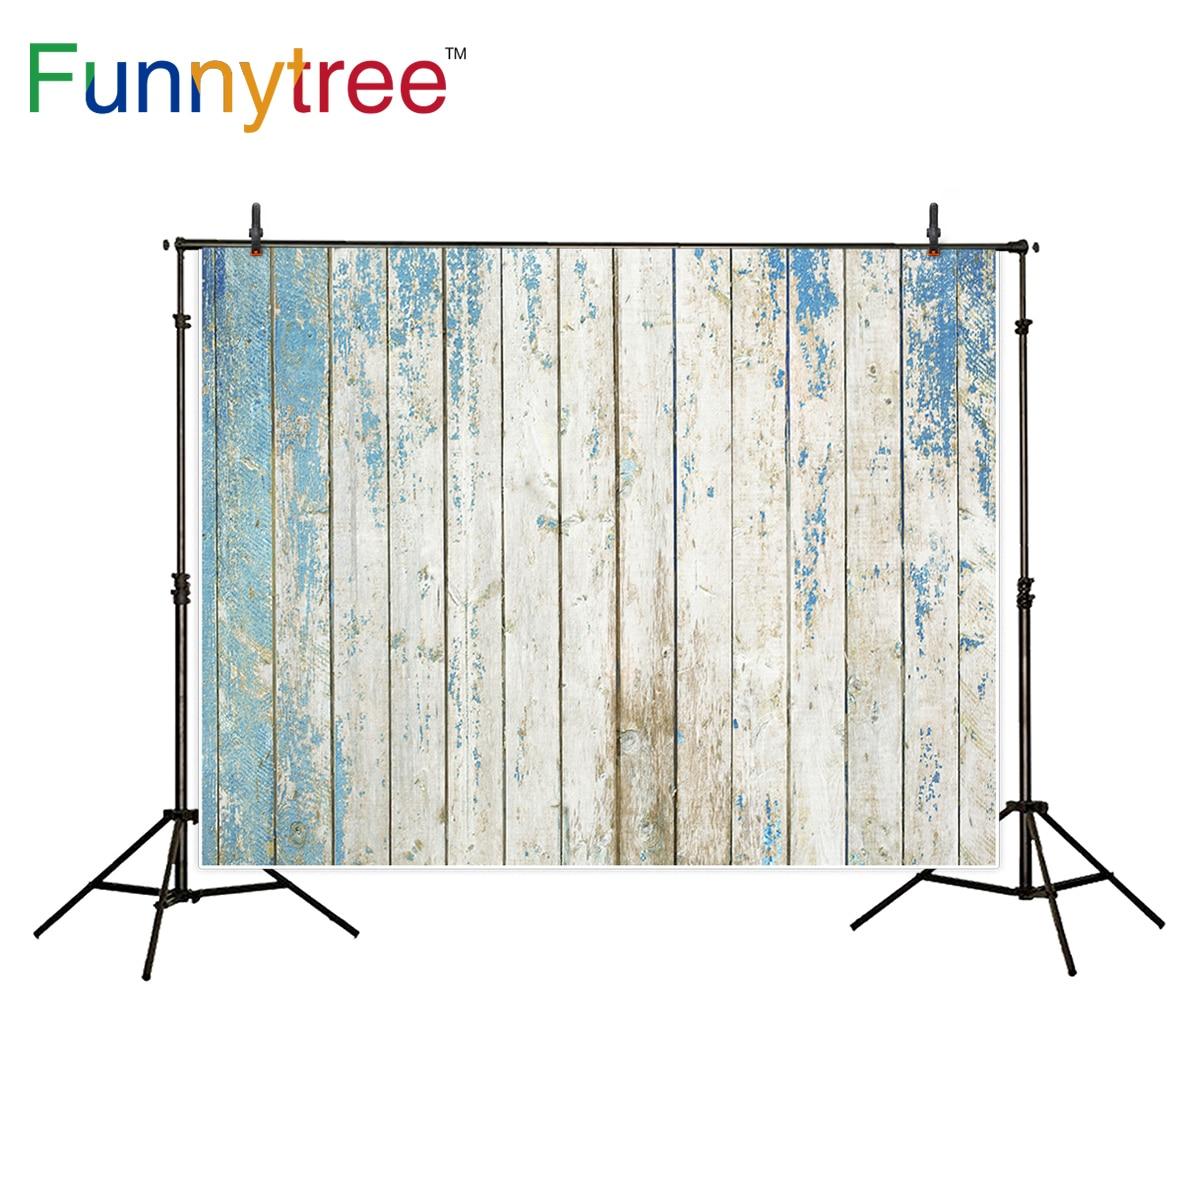 Fondos de árboles divertidos para estudio fotográfico decoración de madera para fiesta de bienvenida de bebé fotografía profesional photobooth